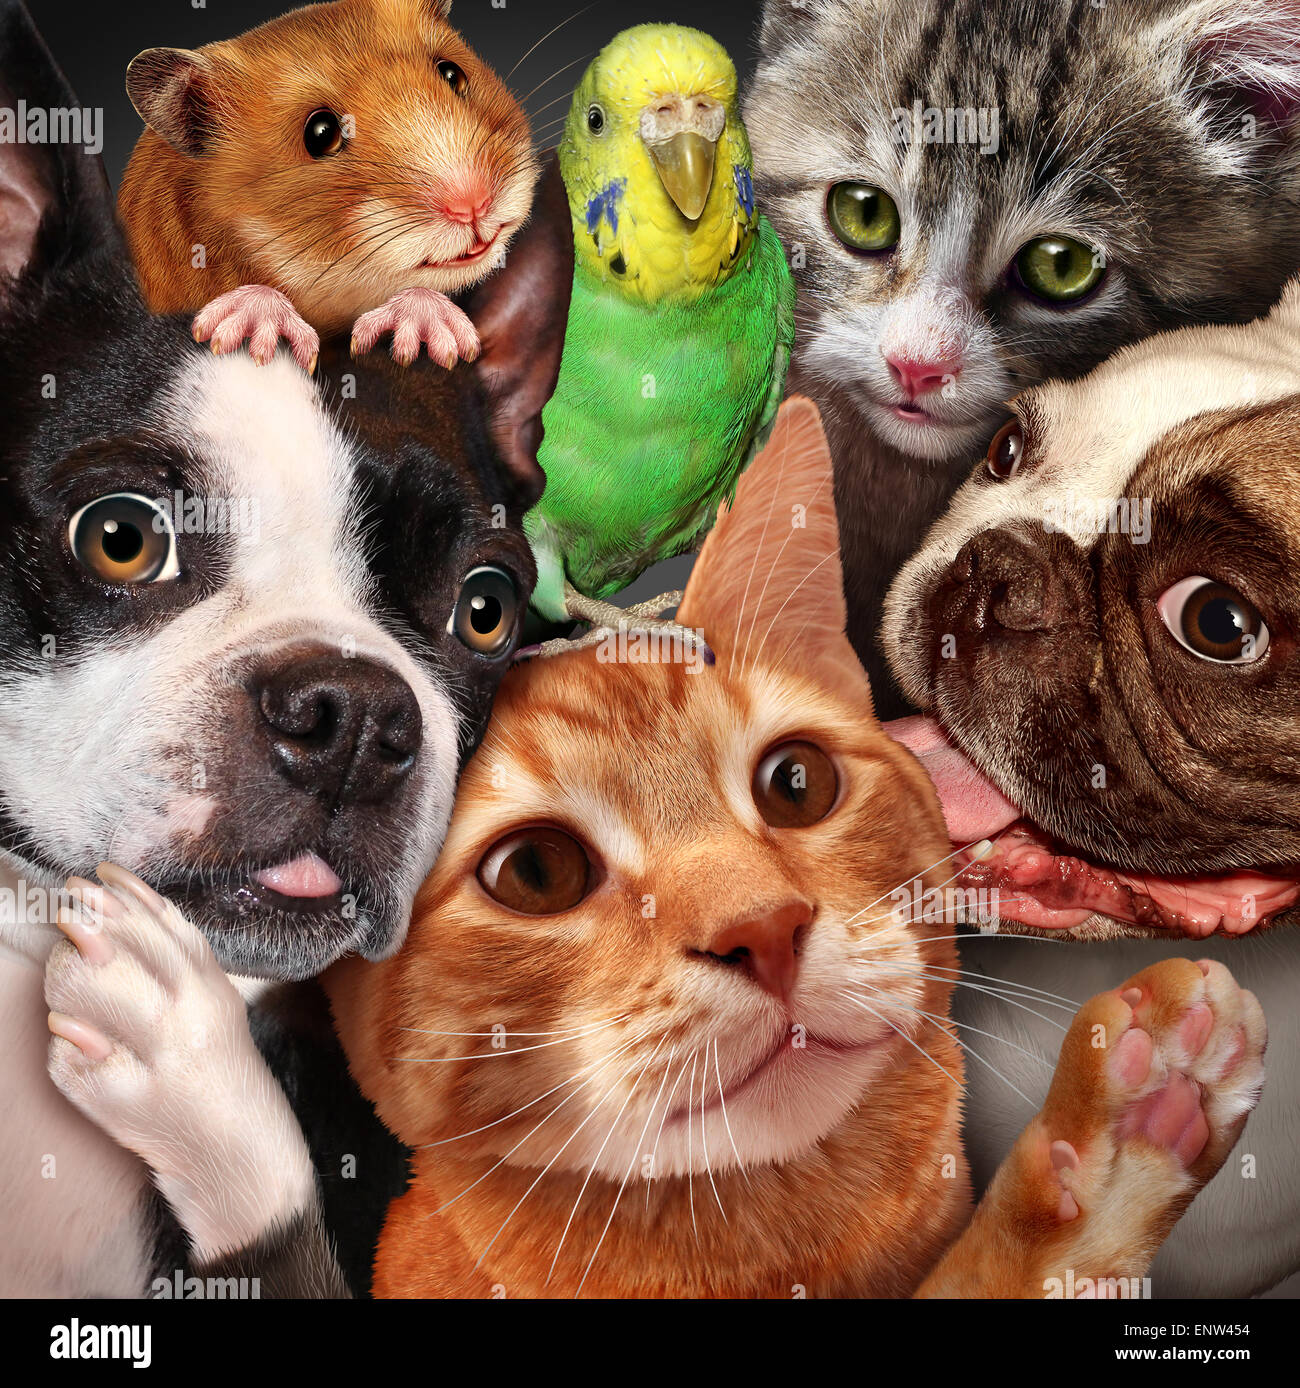 El concepto de grupo de mascotas como perros gatos un hámster y budgie reunidos como un símbolo de apoyo Imagen De Stock